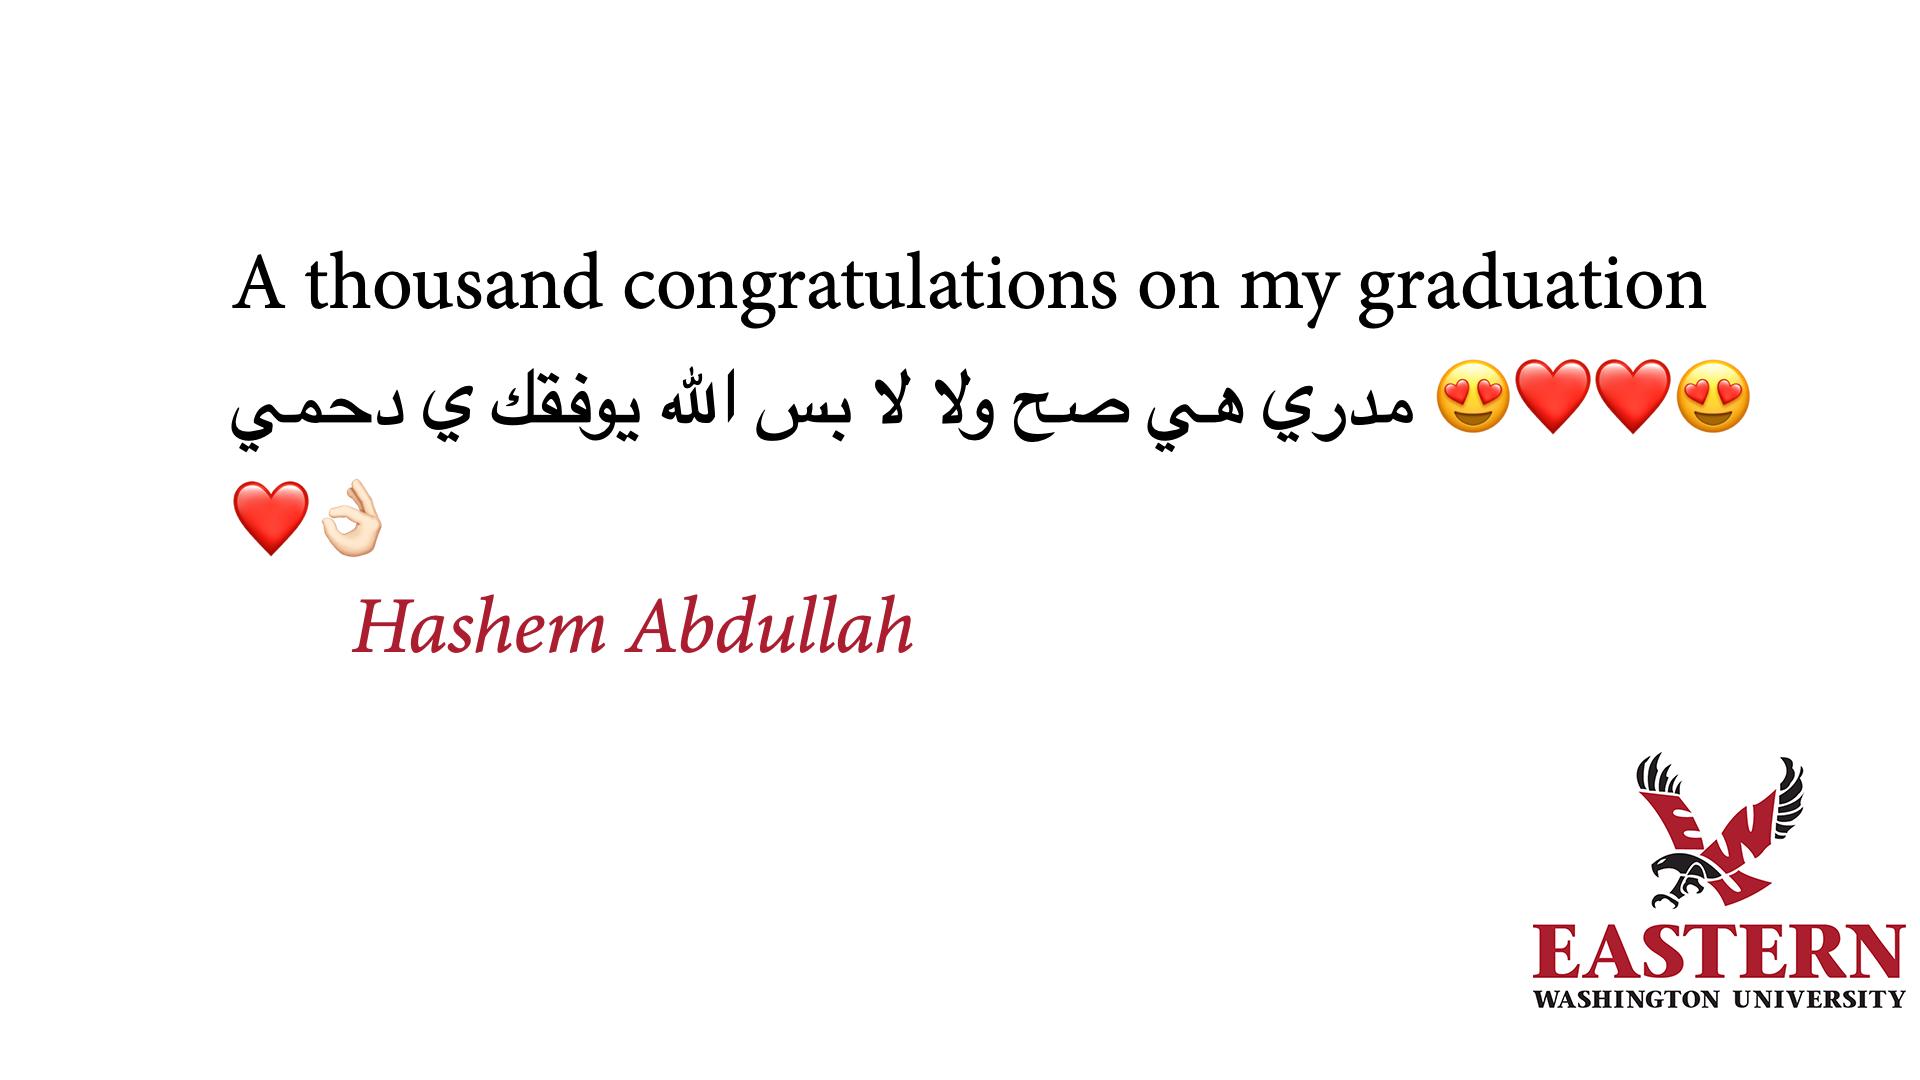 tbi_abdulrahman-abdullah-a_2435.png